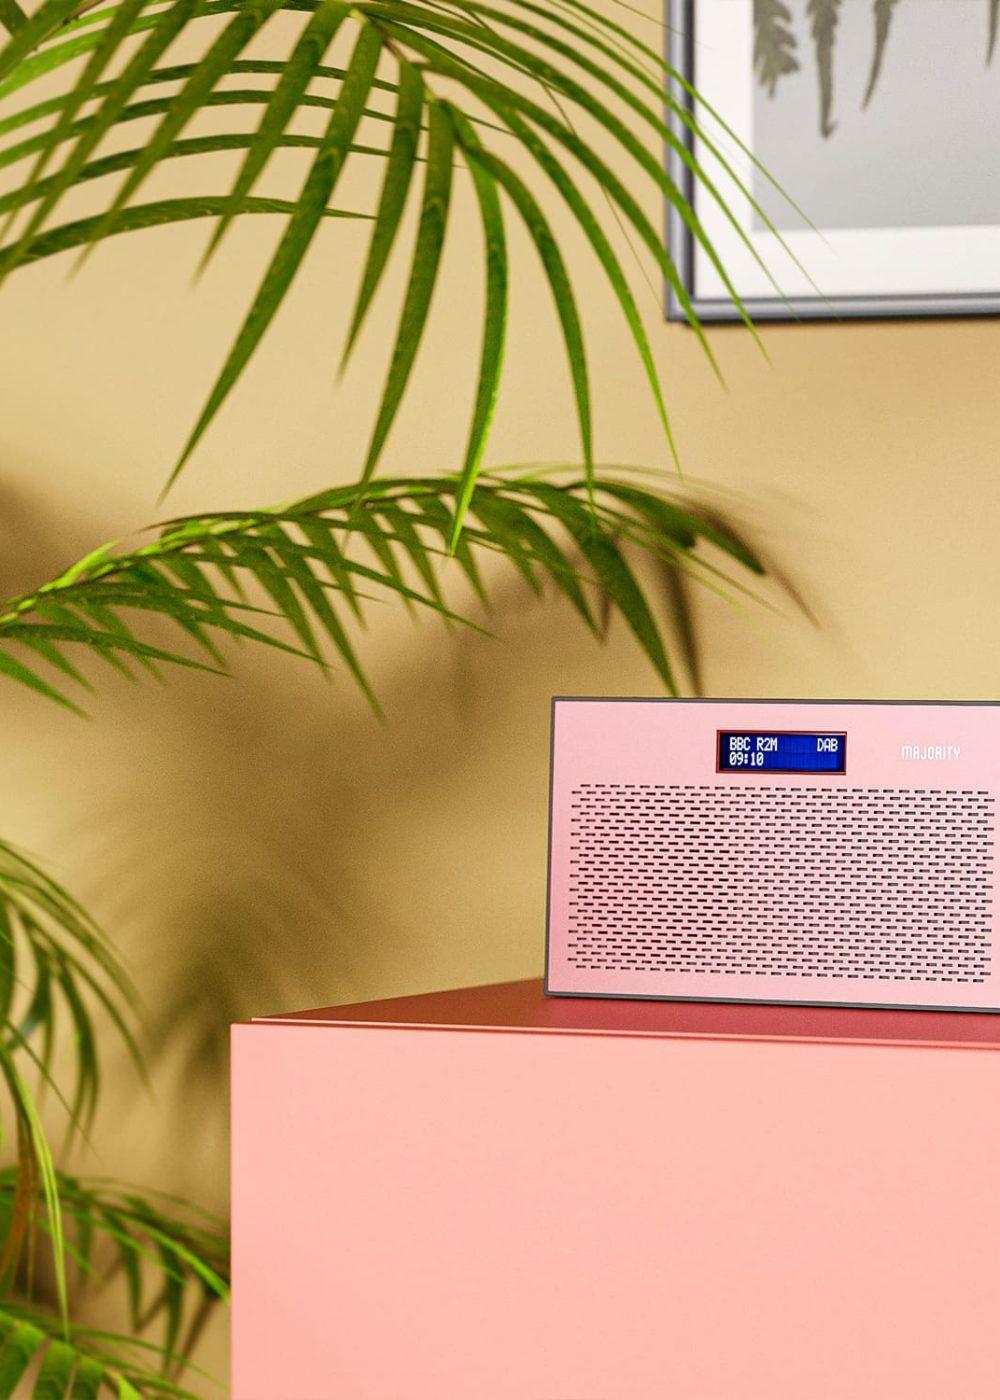 Portable Radio Histon in Rose Colour